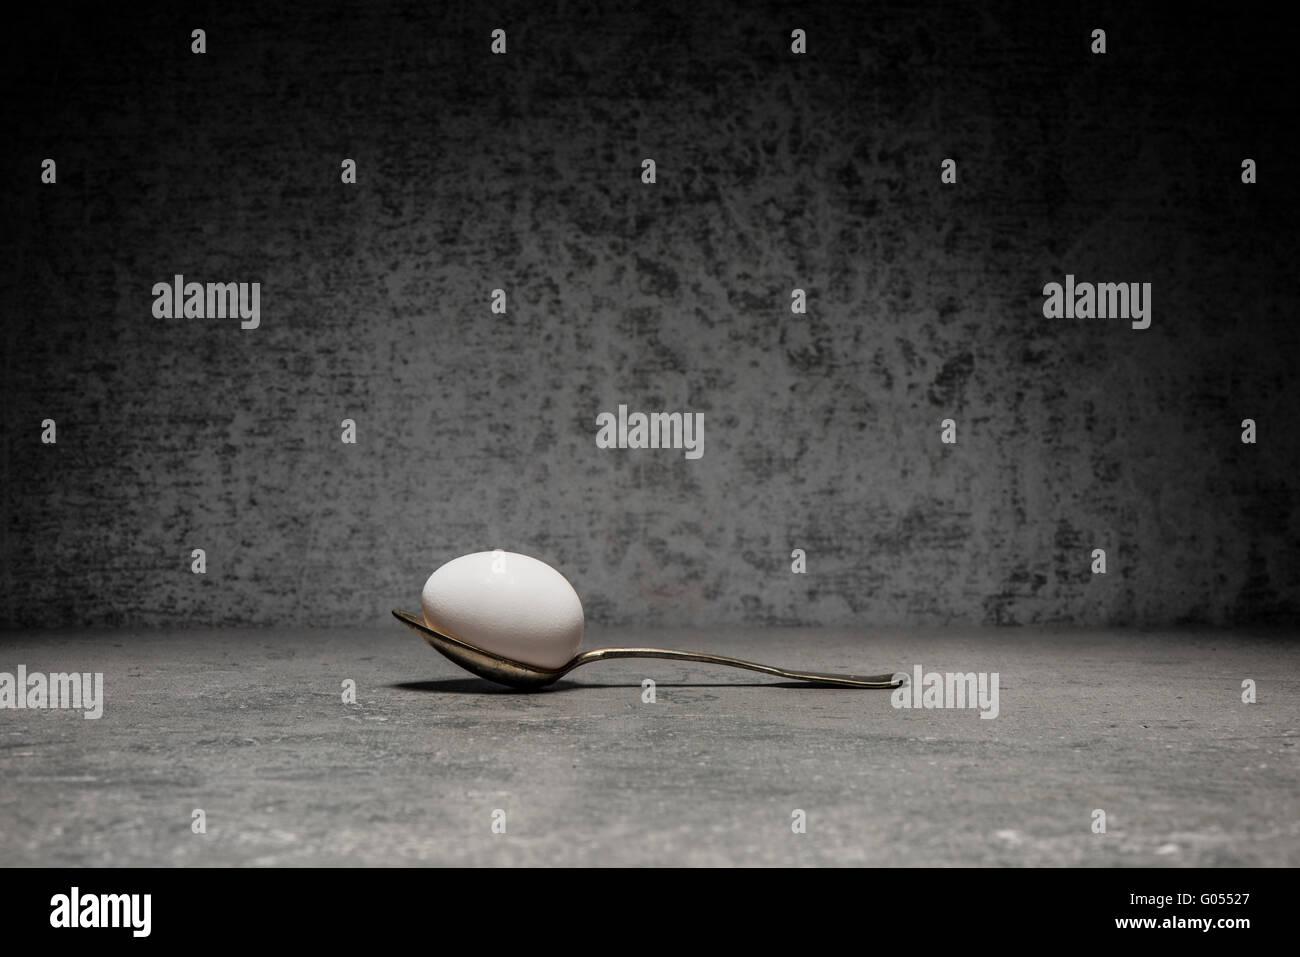 Cuillère d'oeufs et la vie encore. Image conceptuelle avec la simplicité et l'exemplaire de l'espace. Photo Stock